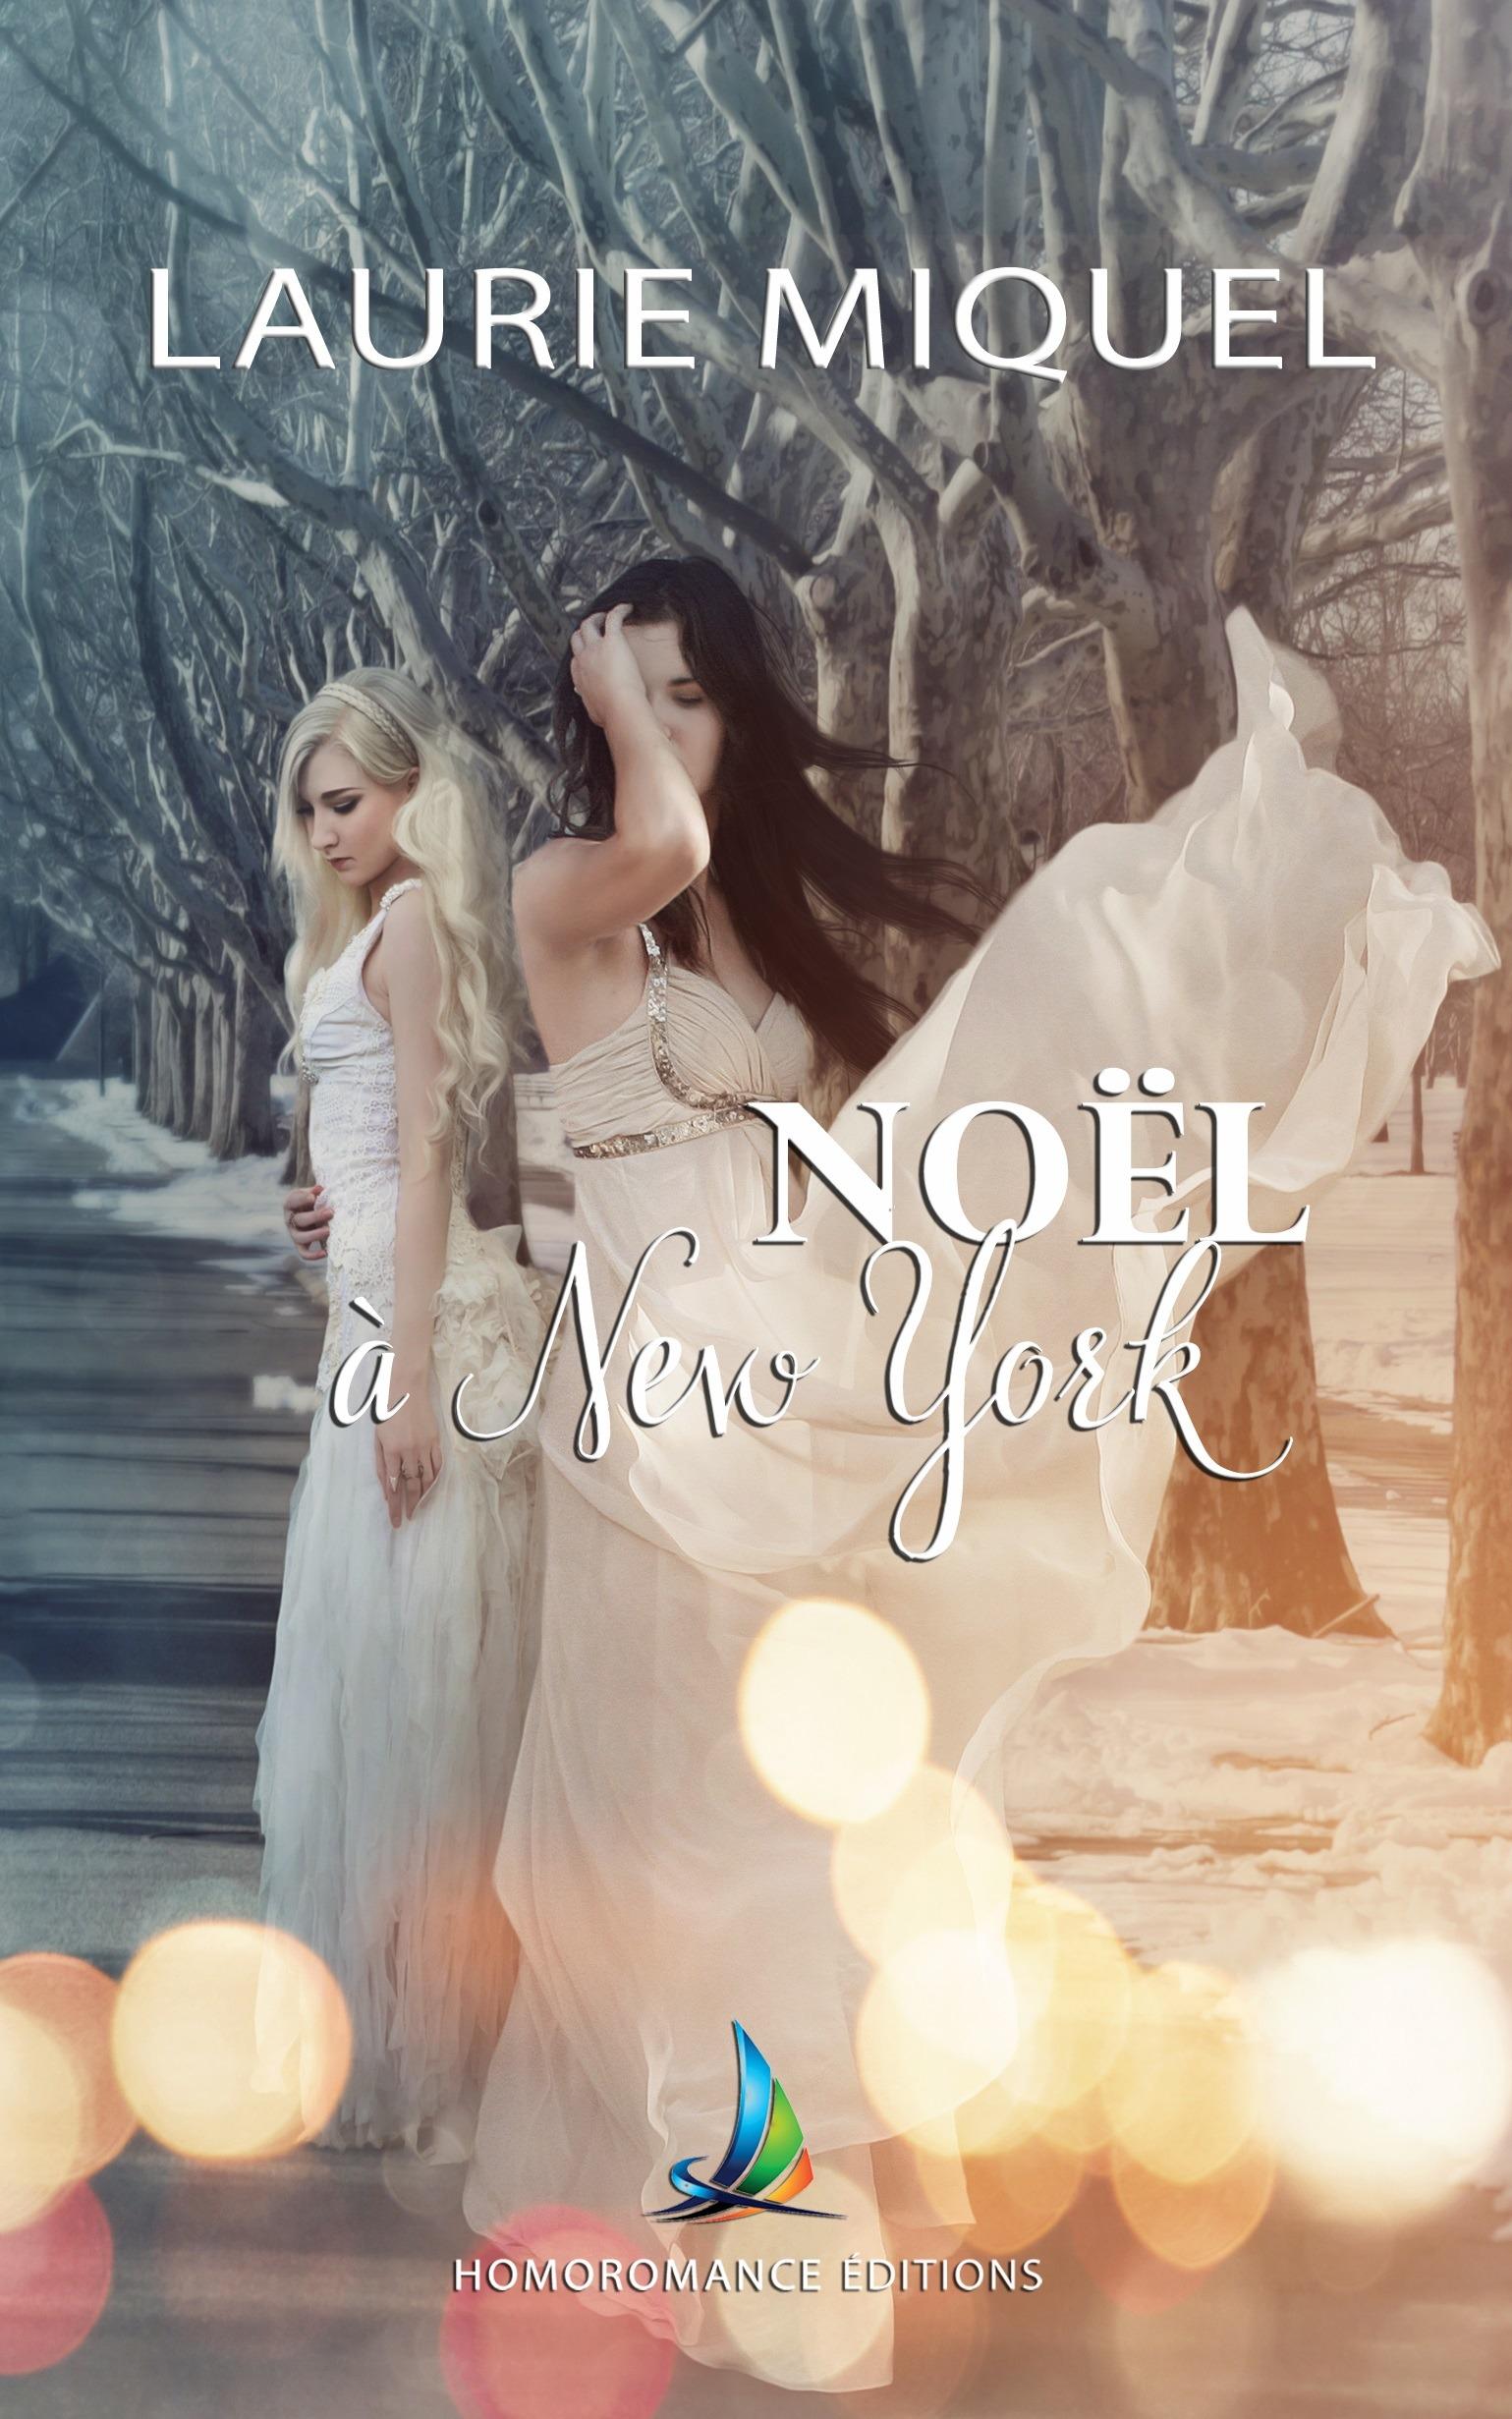 Noël à New York | Nouvelle lesbienne, romance lesbienne